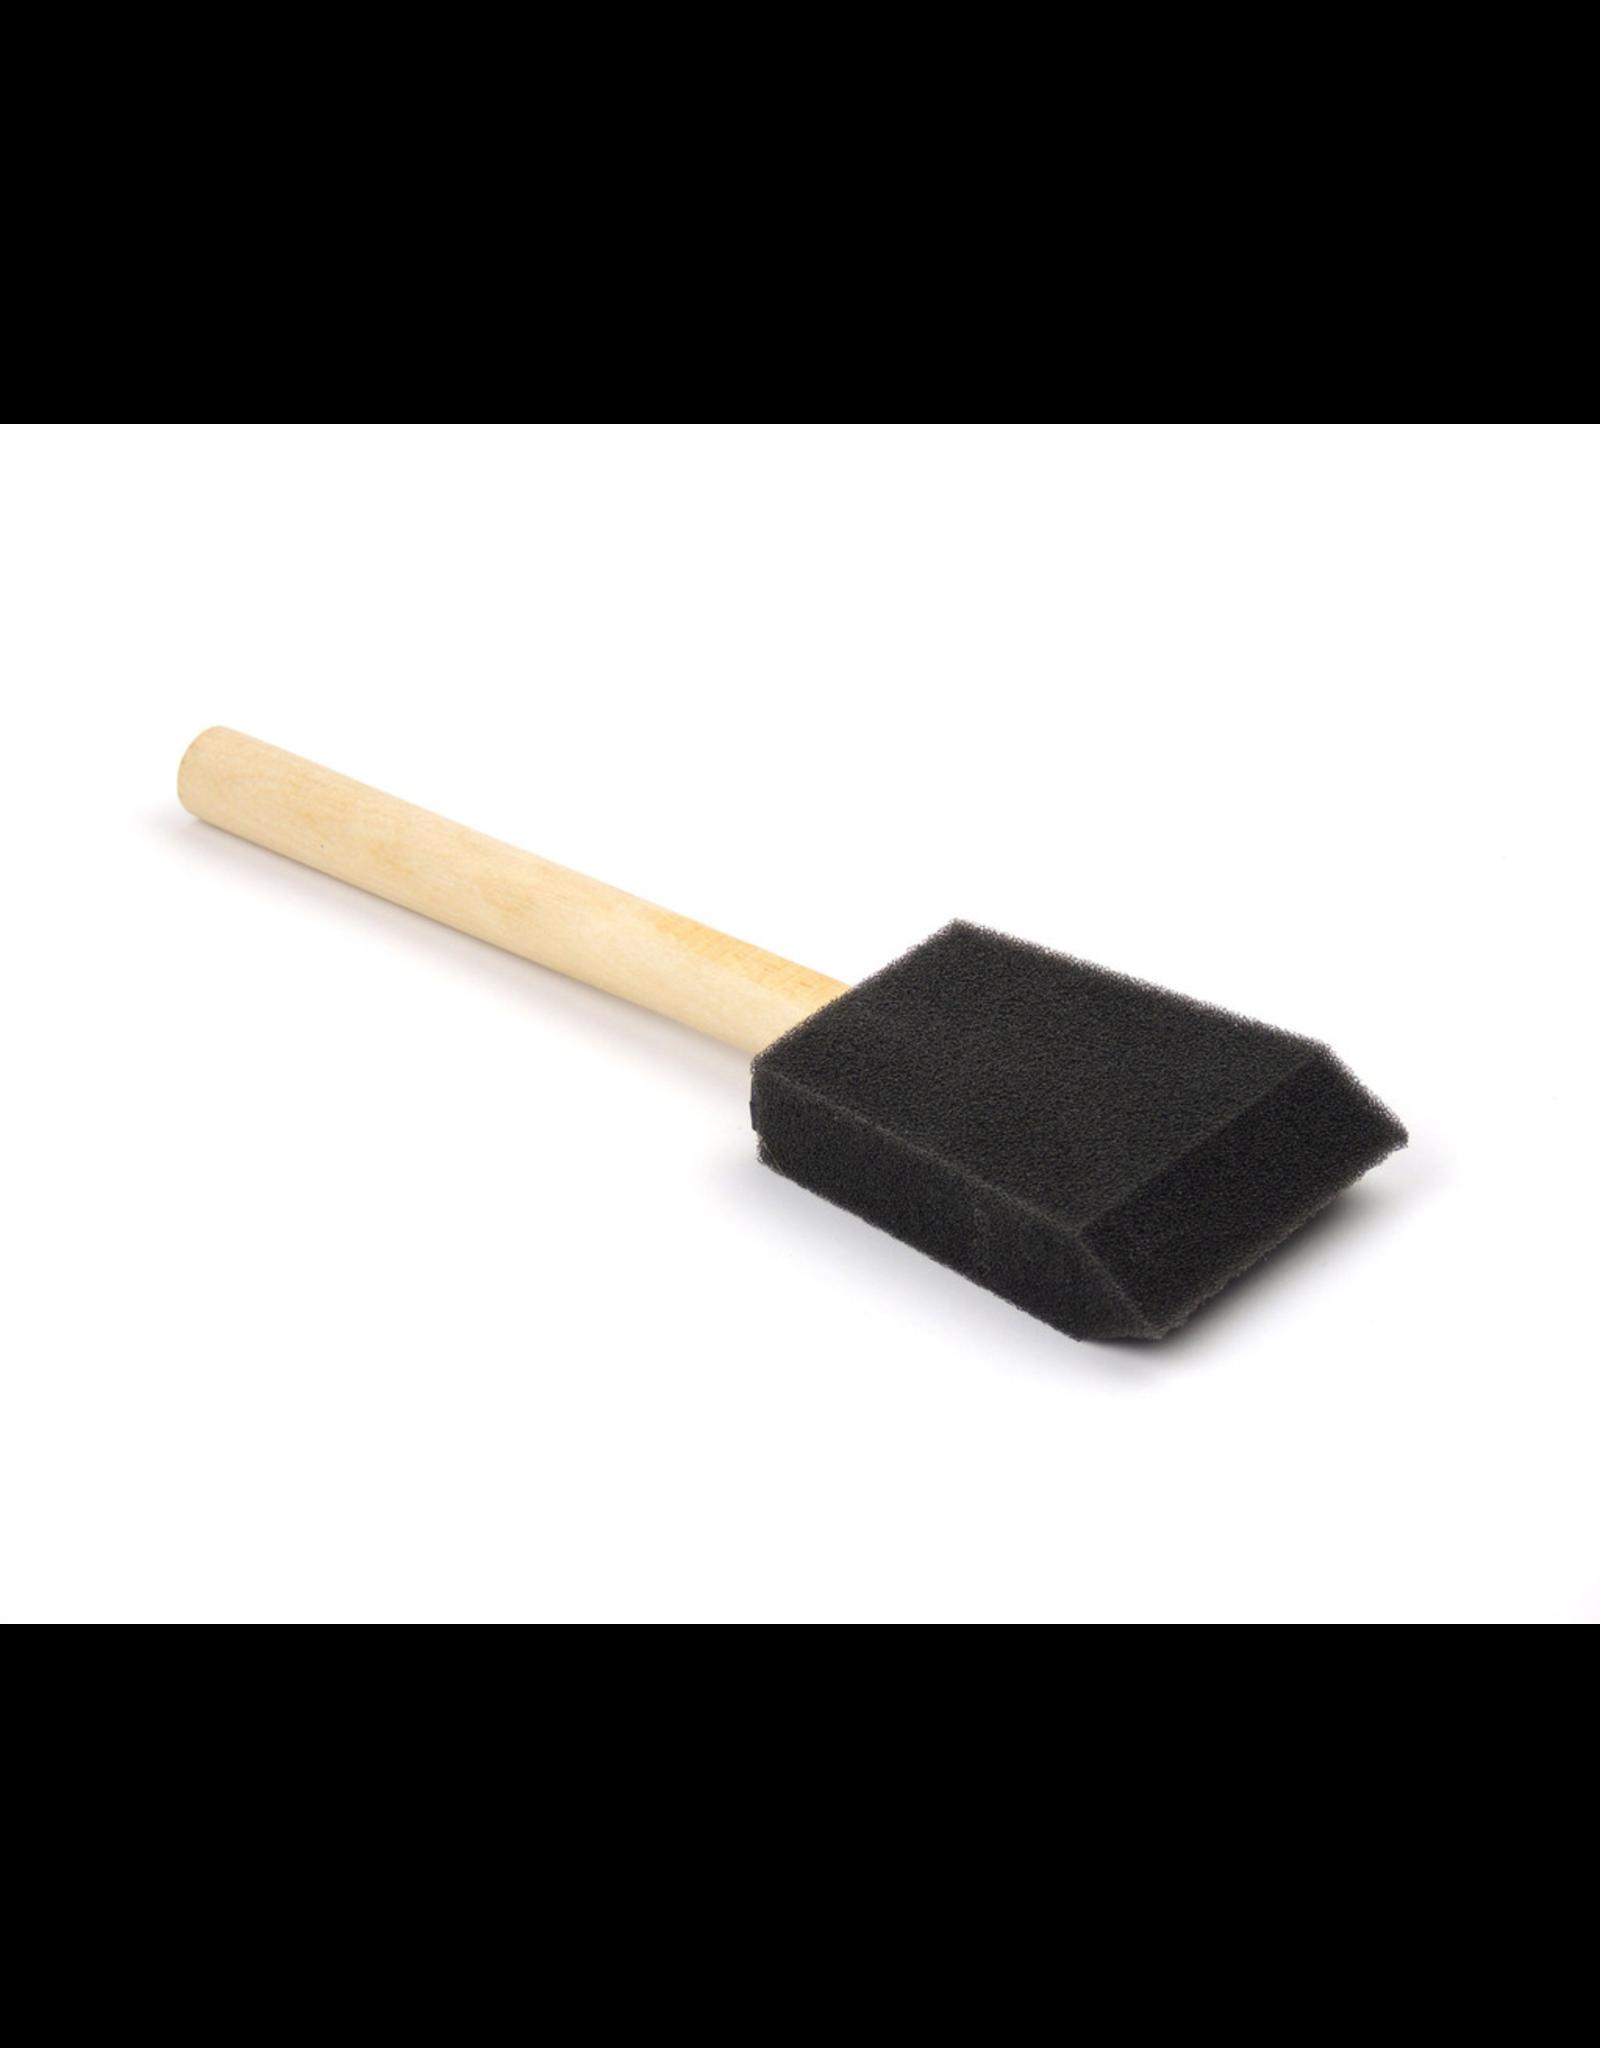 Foam brush 2.5cm